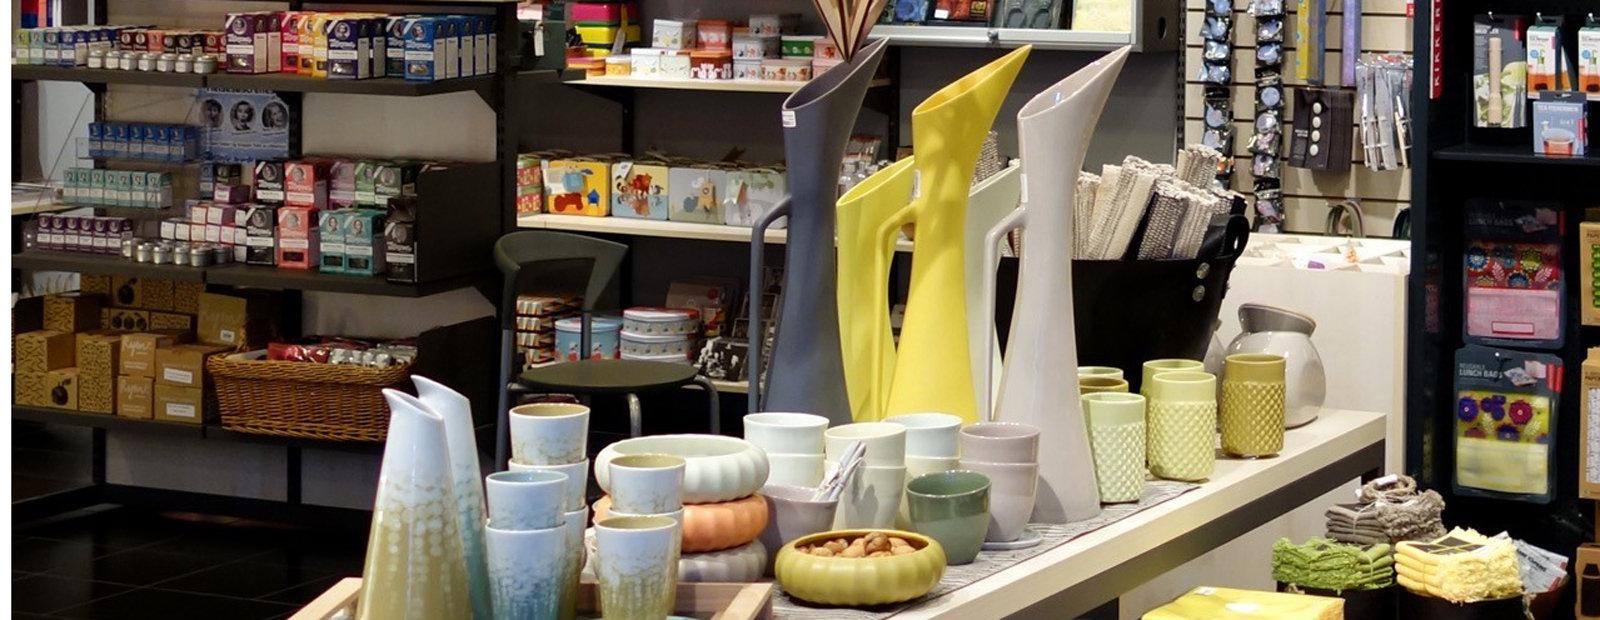 Interiør i Maihaugbutikken med et bord med porselensvarer i forgrunnen.